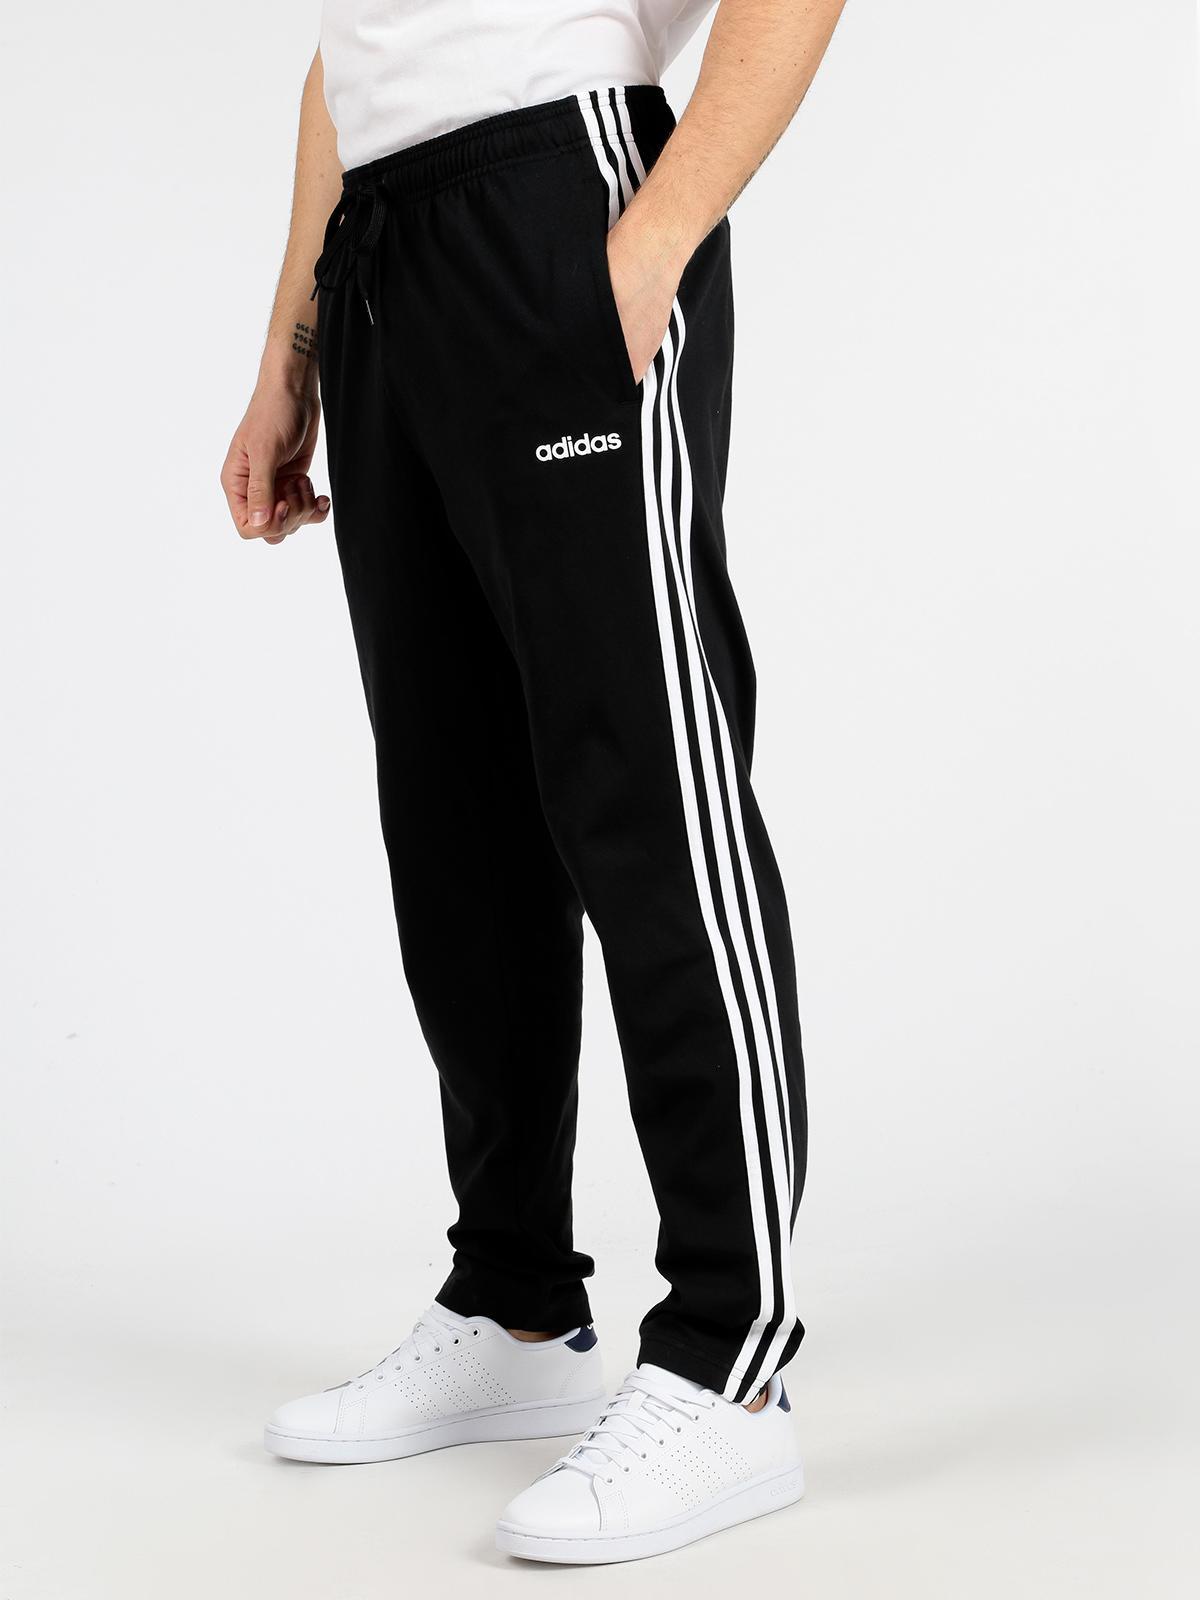 Essentials 3 Stripes Tapered Open Hem Pantaloni sportivi